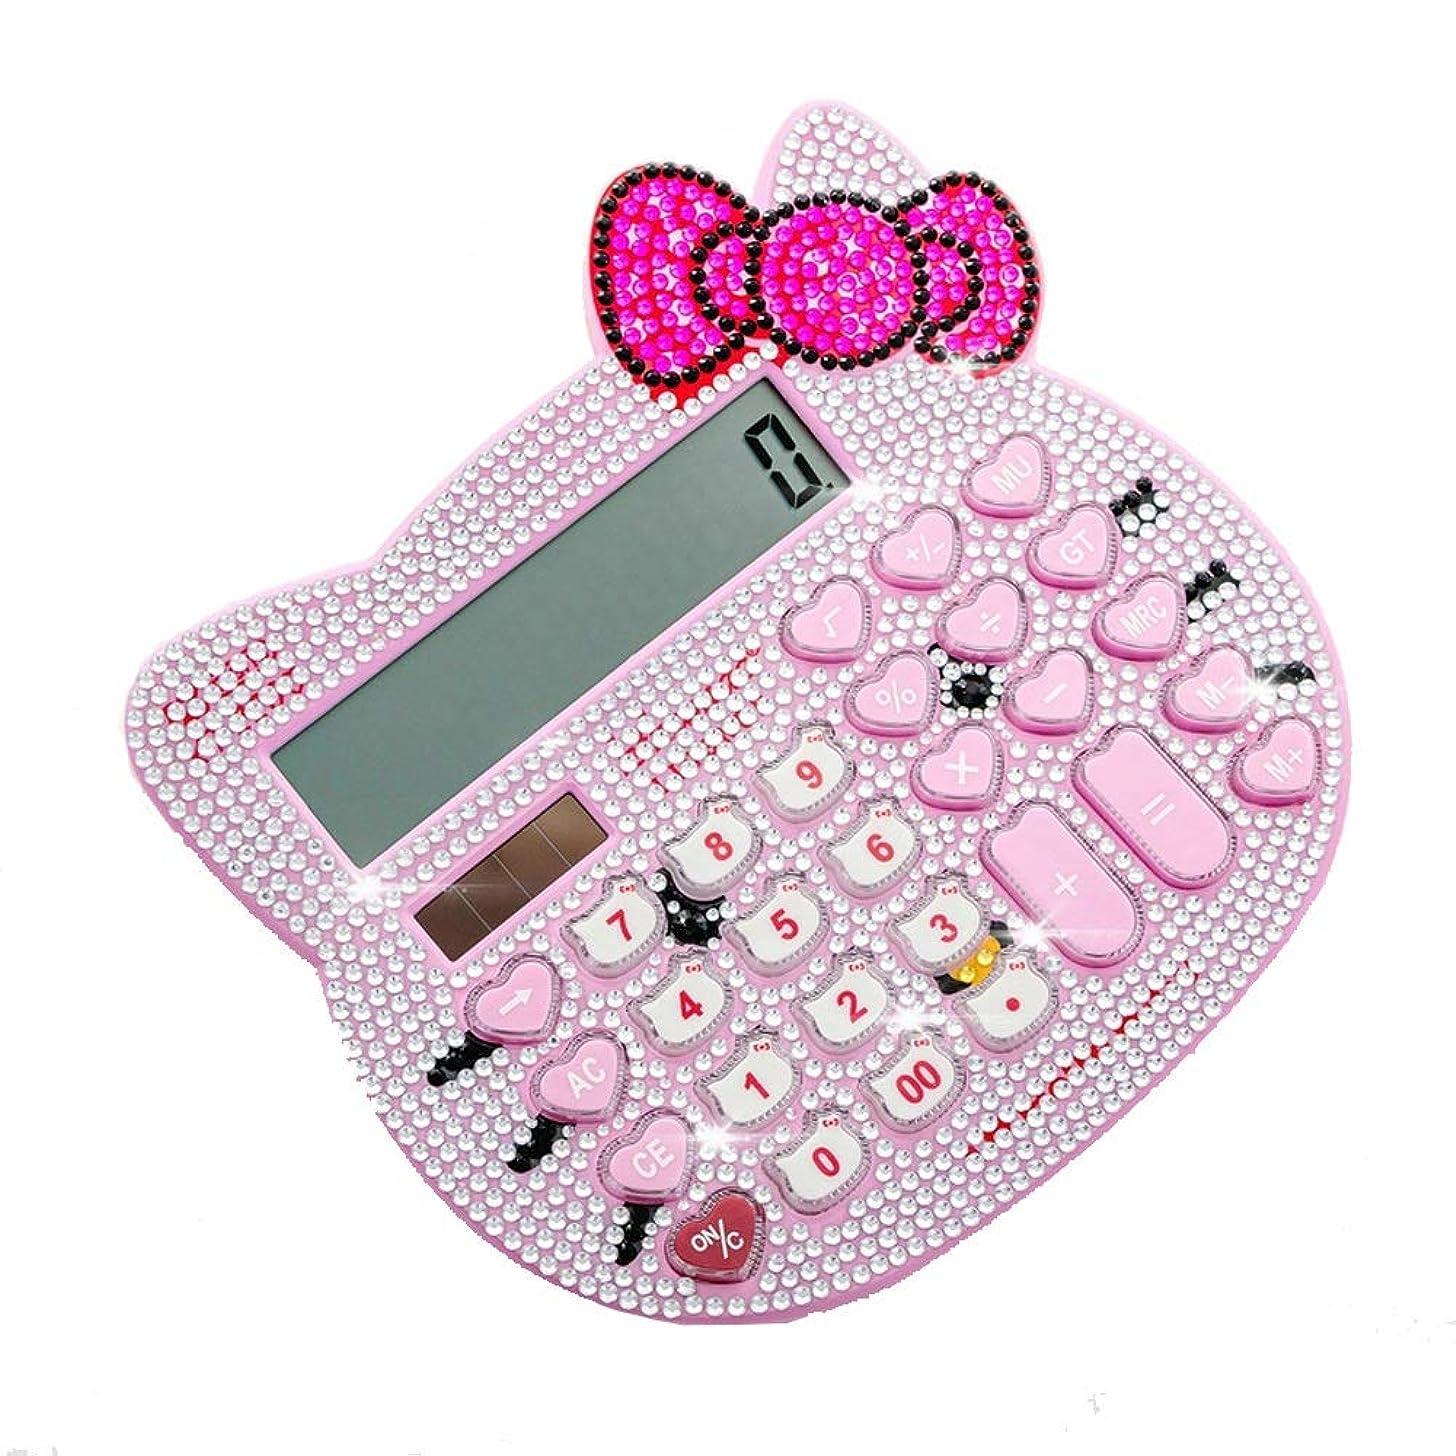 誕生思春期の小さい実務電卓 かわいいプラスラインストーン漫画猫の頭の太陽環境の電卓 学校 小売店 オフィス など 適用 (色 : ピンク)